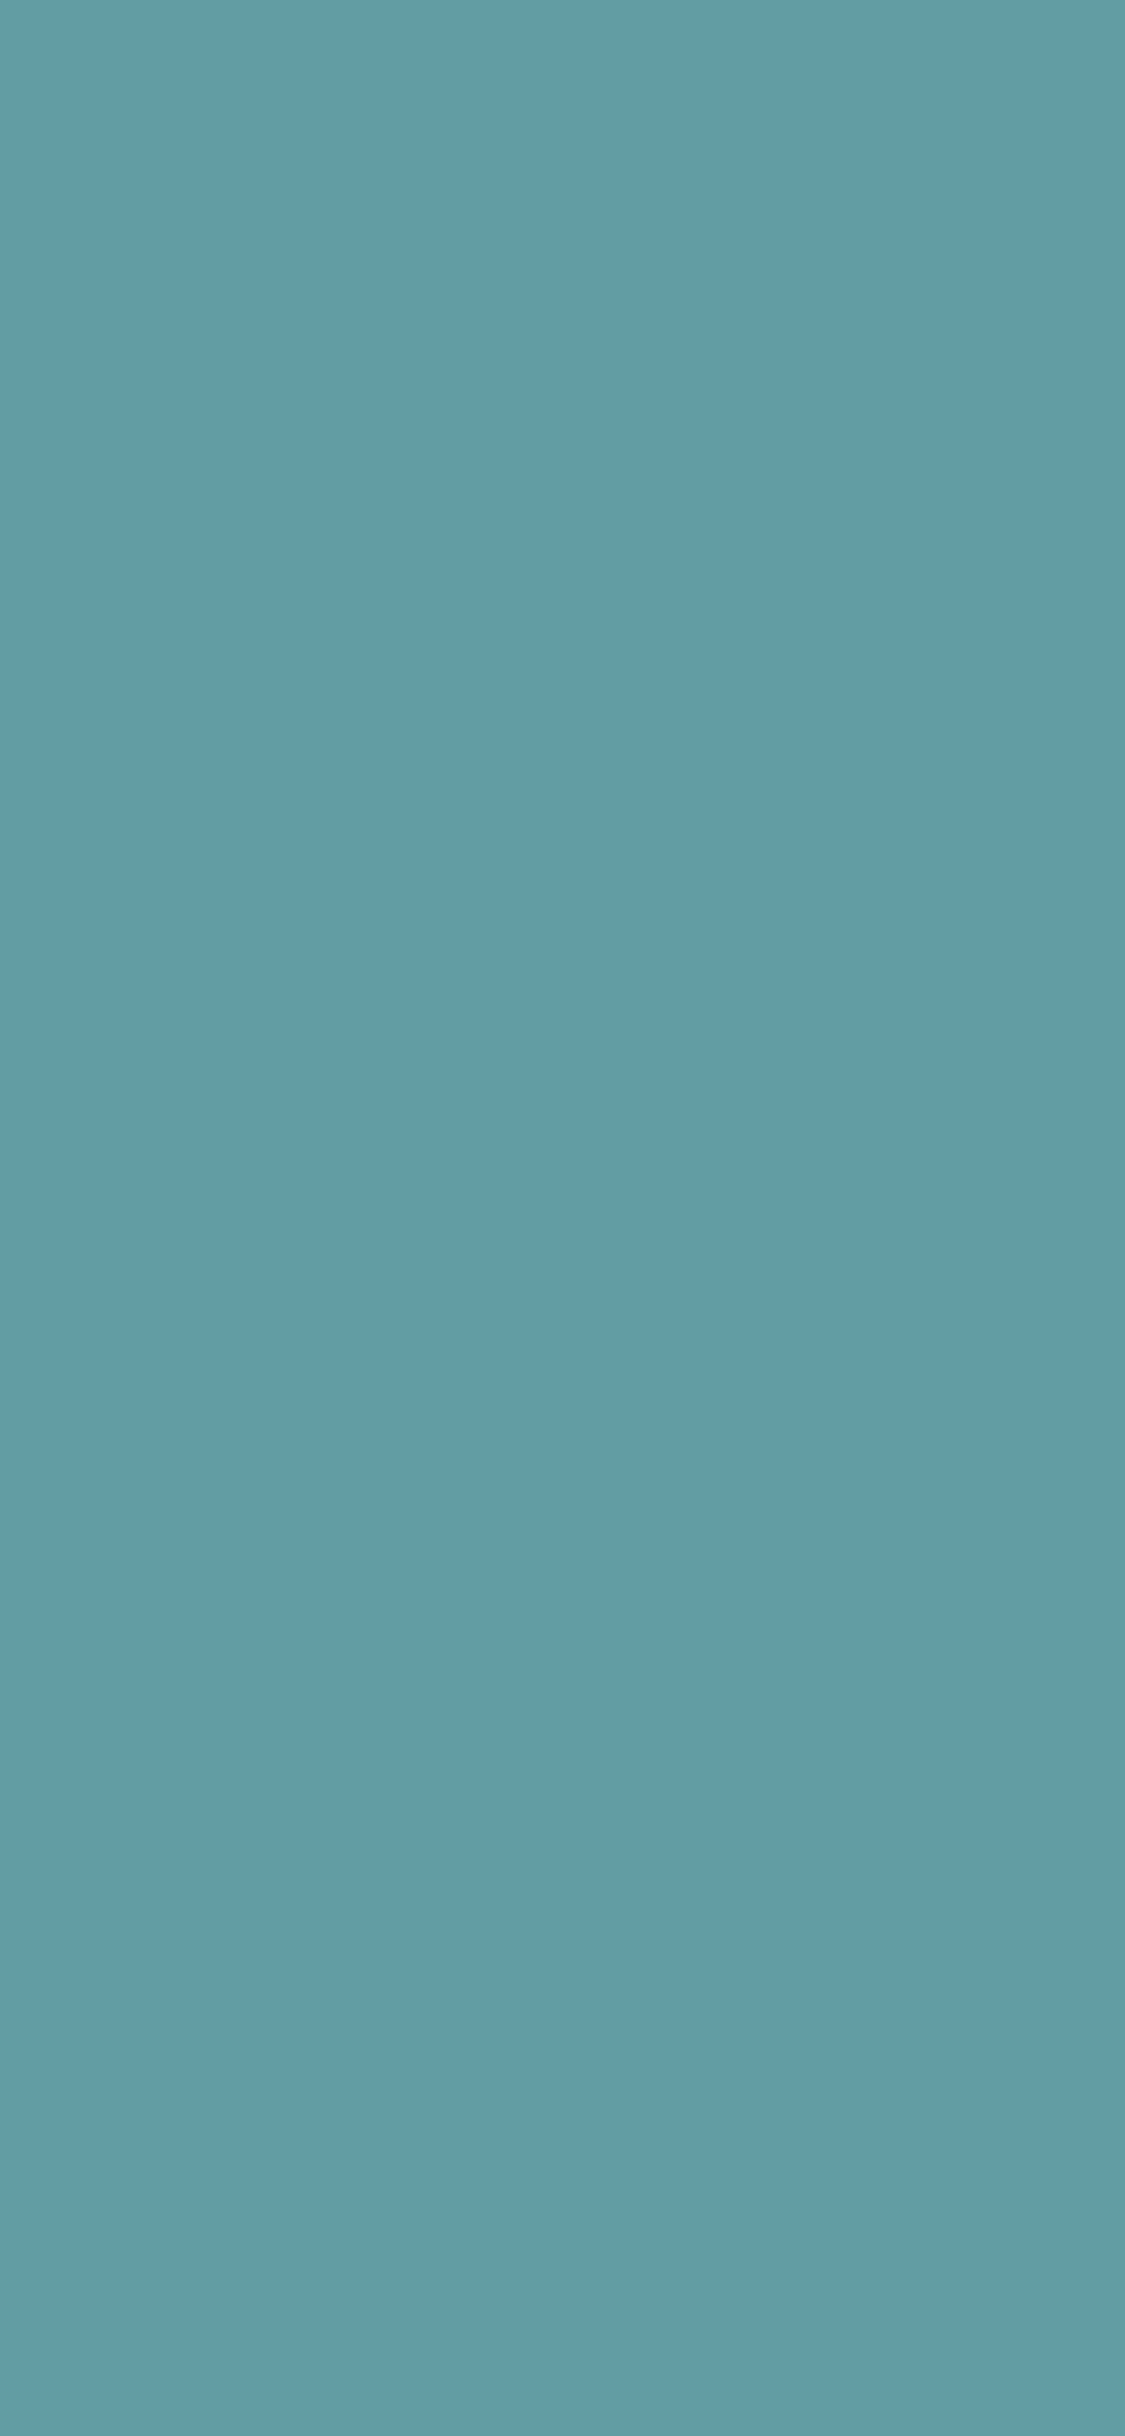 1125x2436 Cadet Blue Solid Color Background